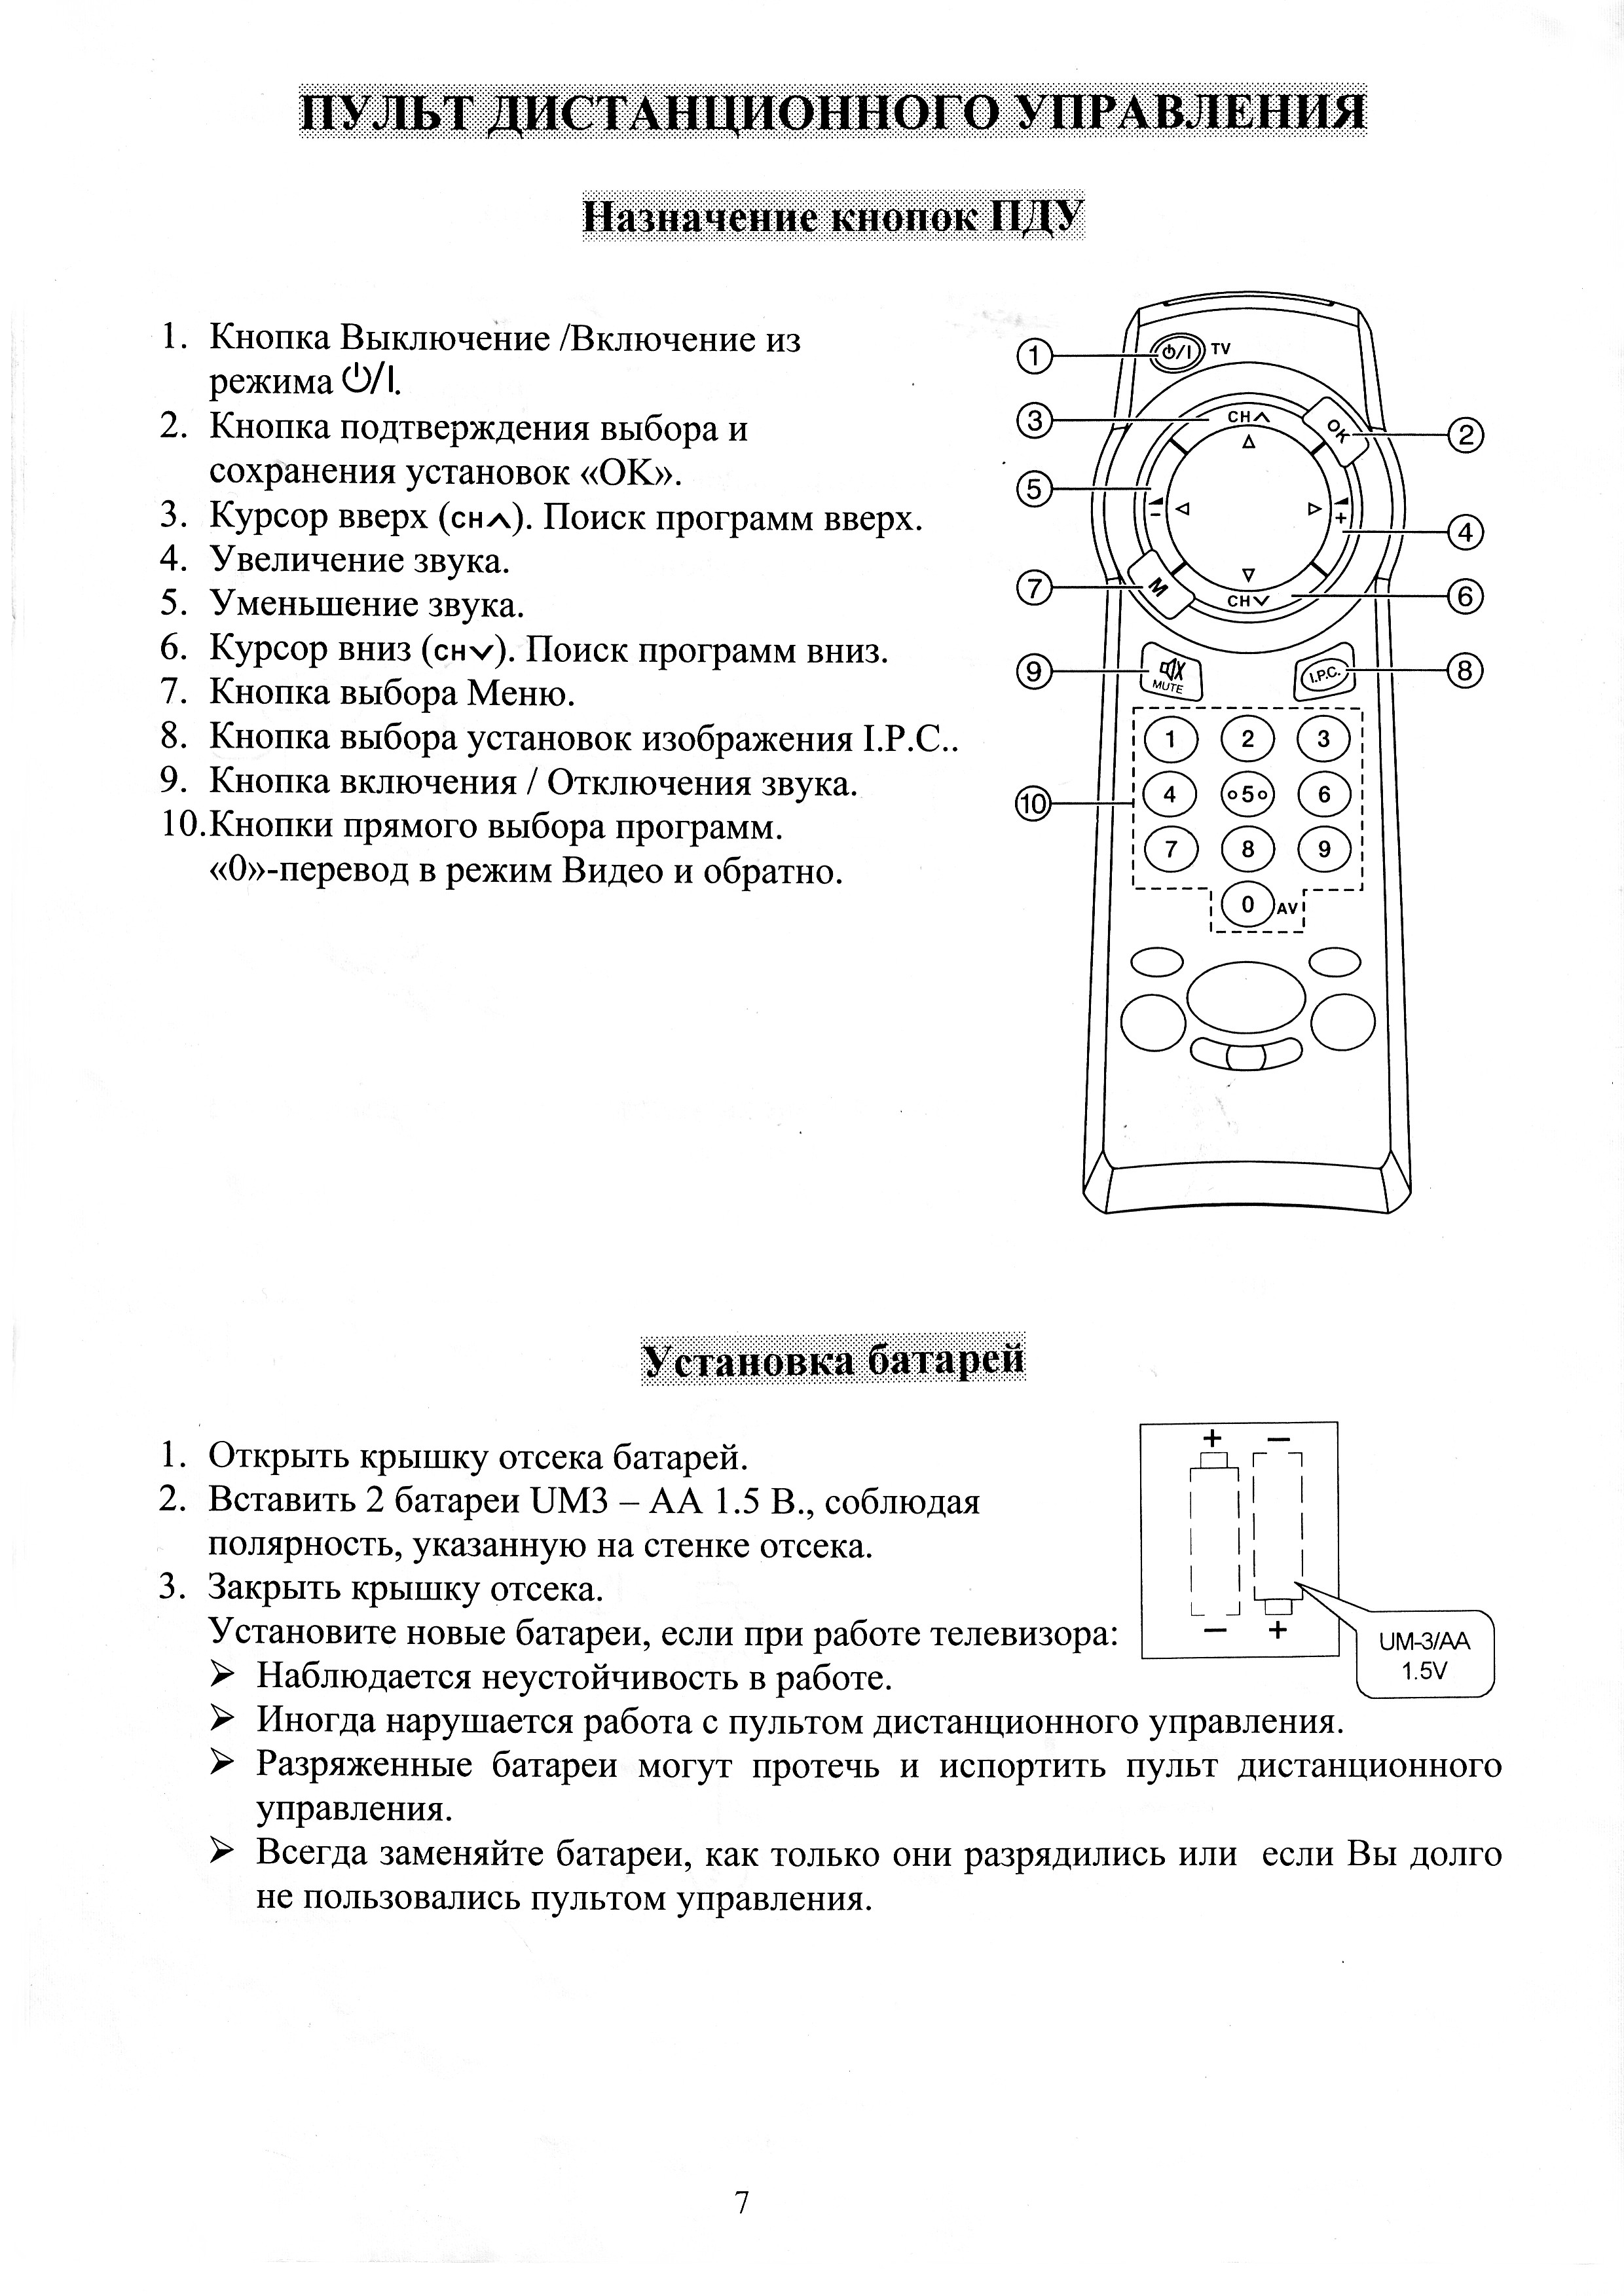 Схема телевизора эриссон 1401 фото 574